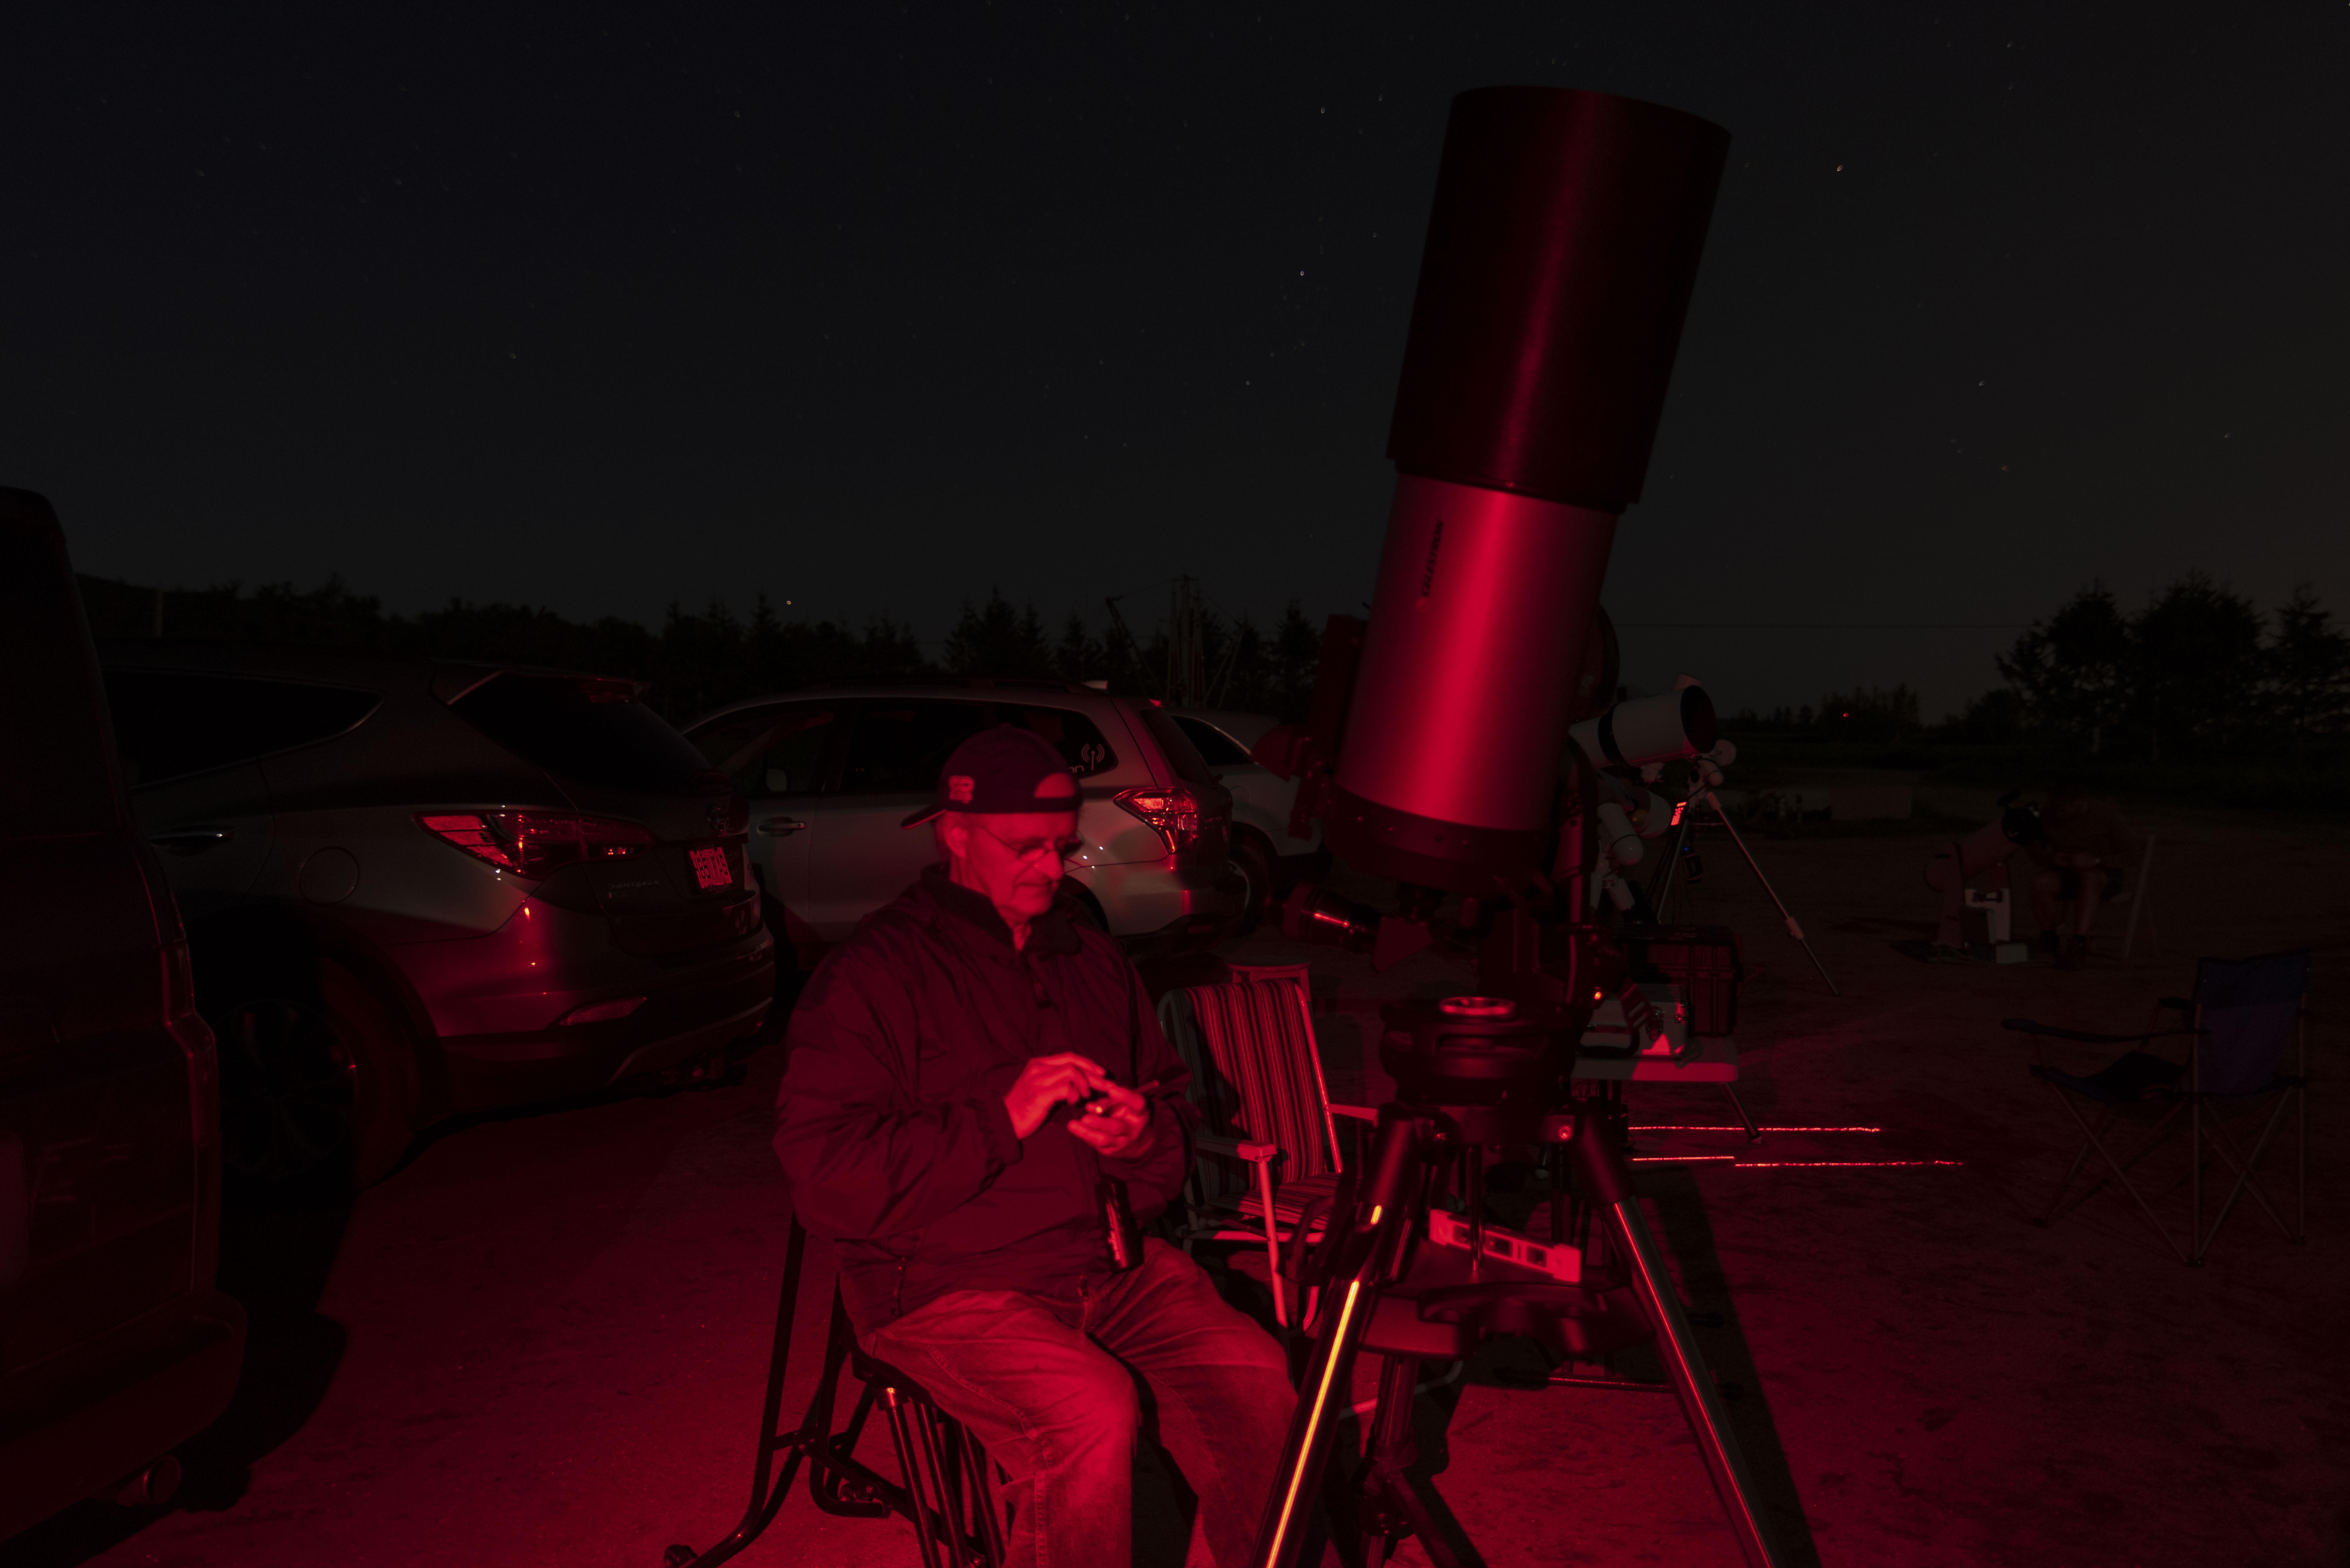 Observation_3